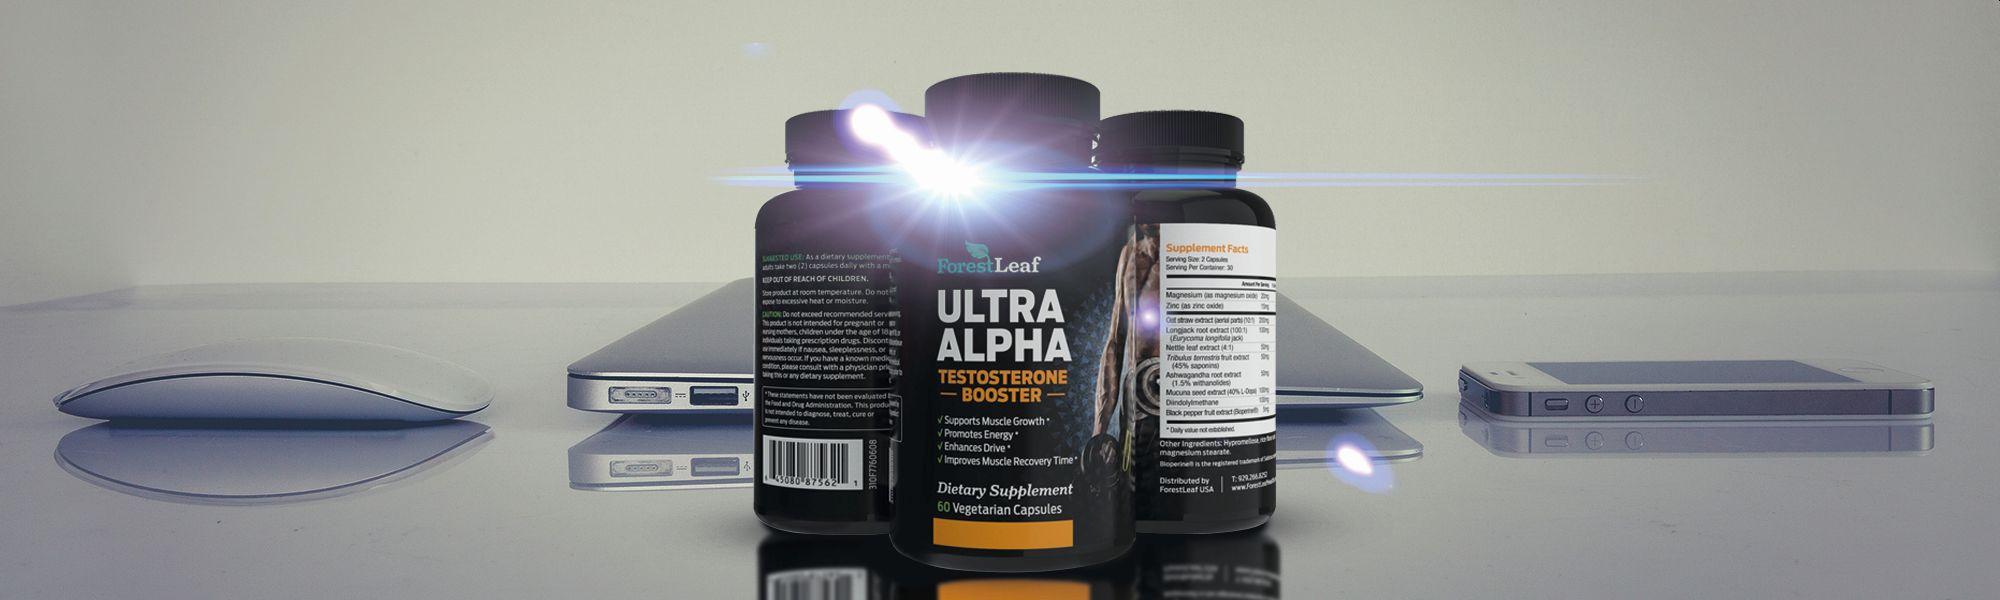 ForestLeaf Ultra Alpha Review